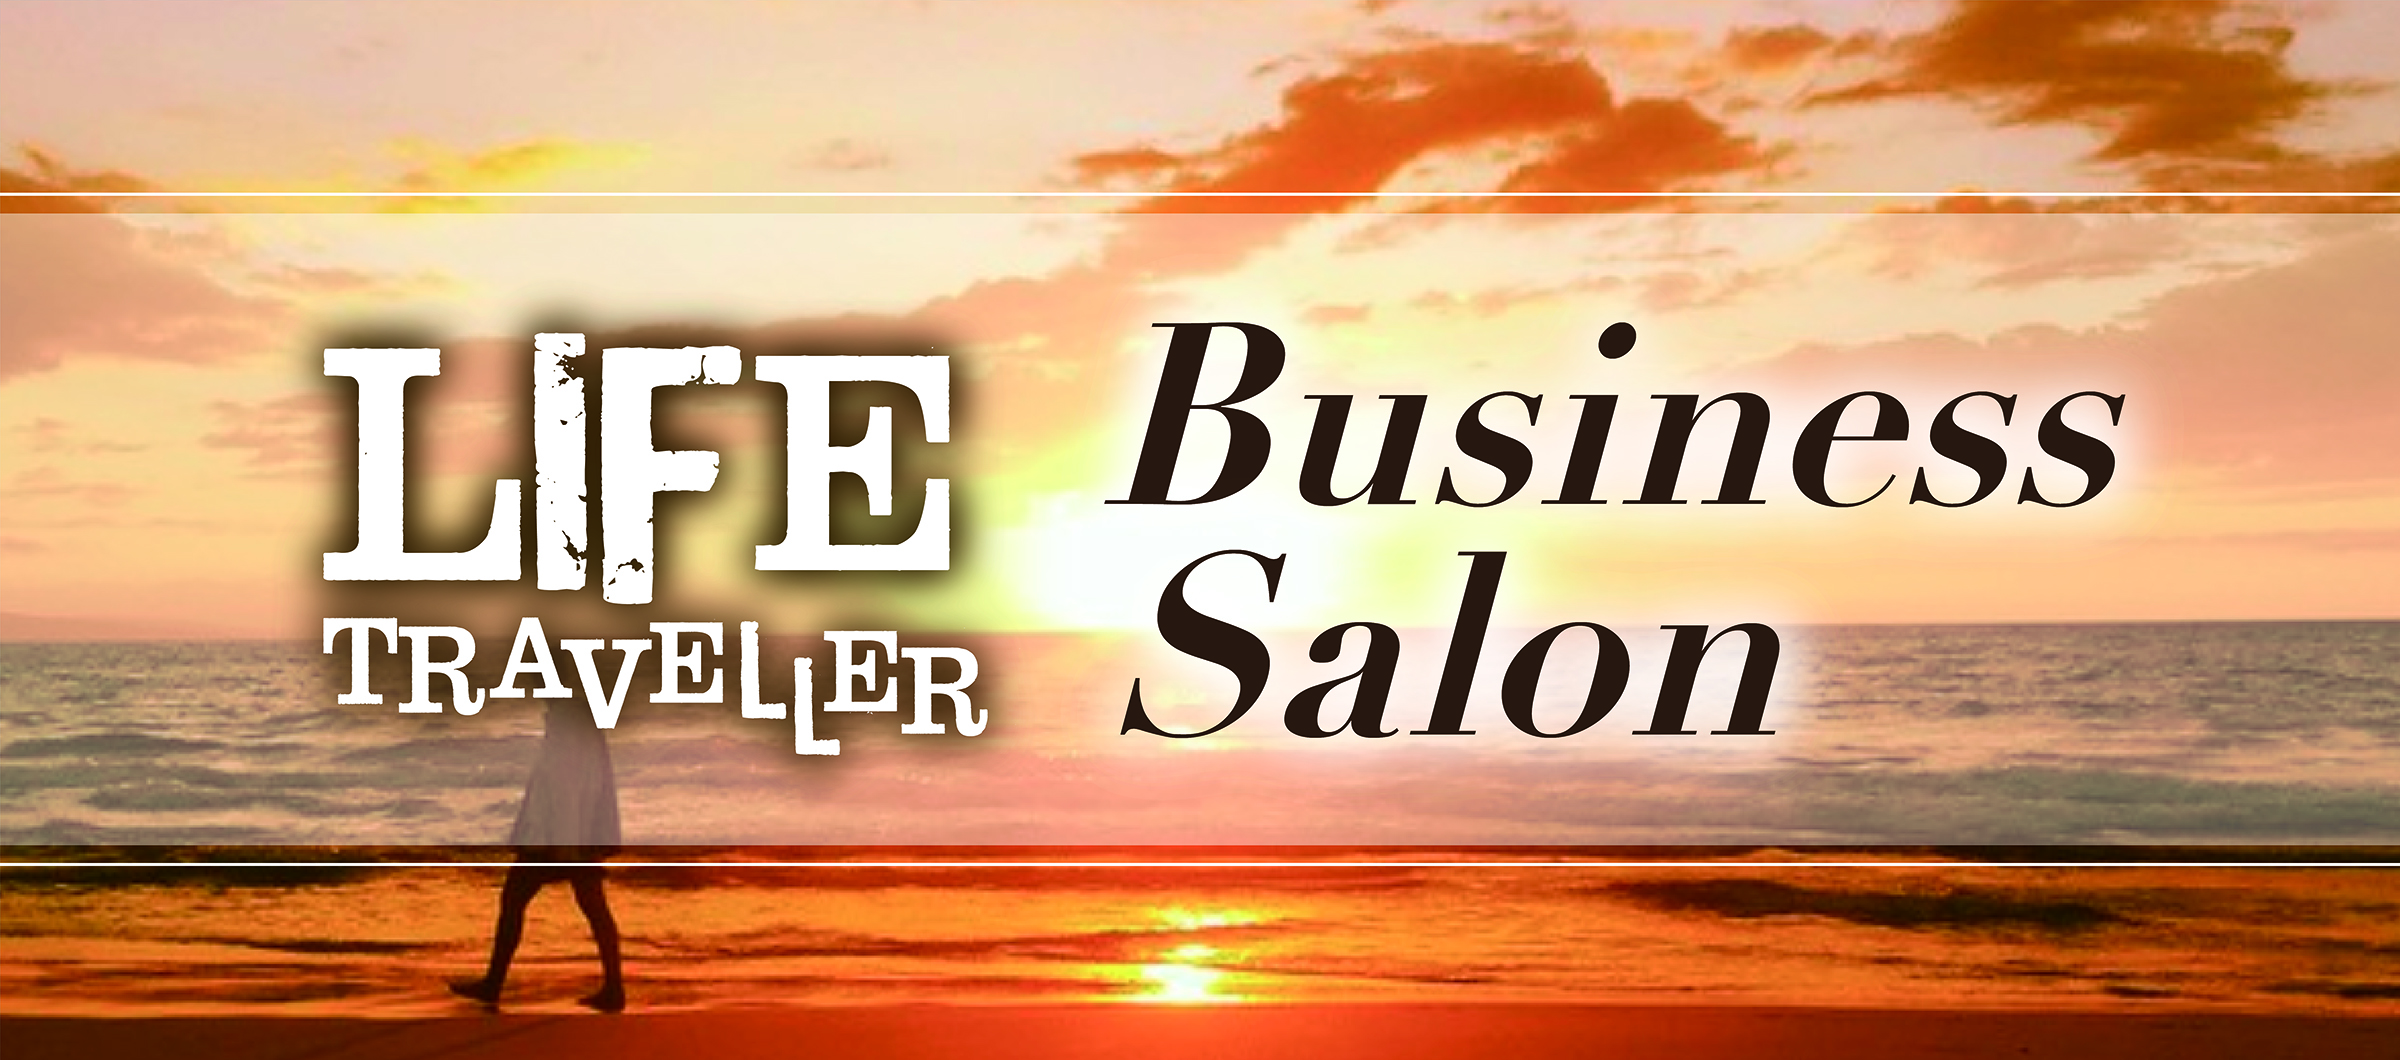 LIFETRAVELLER-BusinessSalon (1)-1